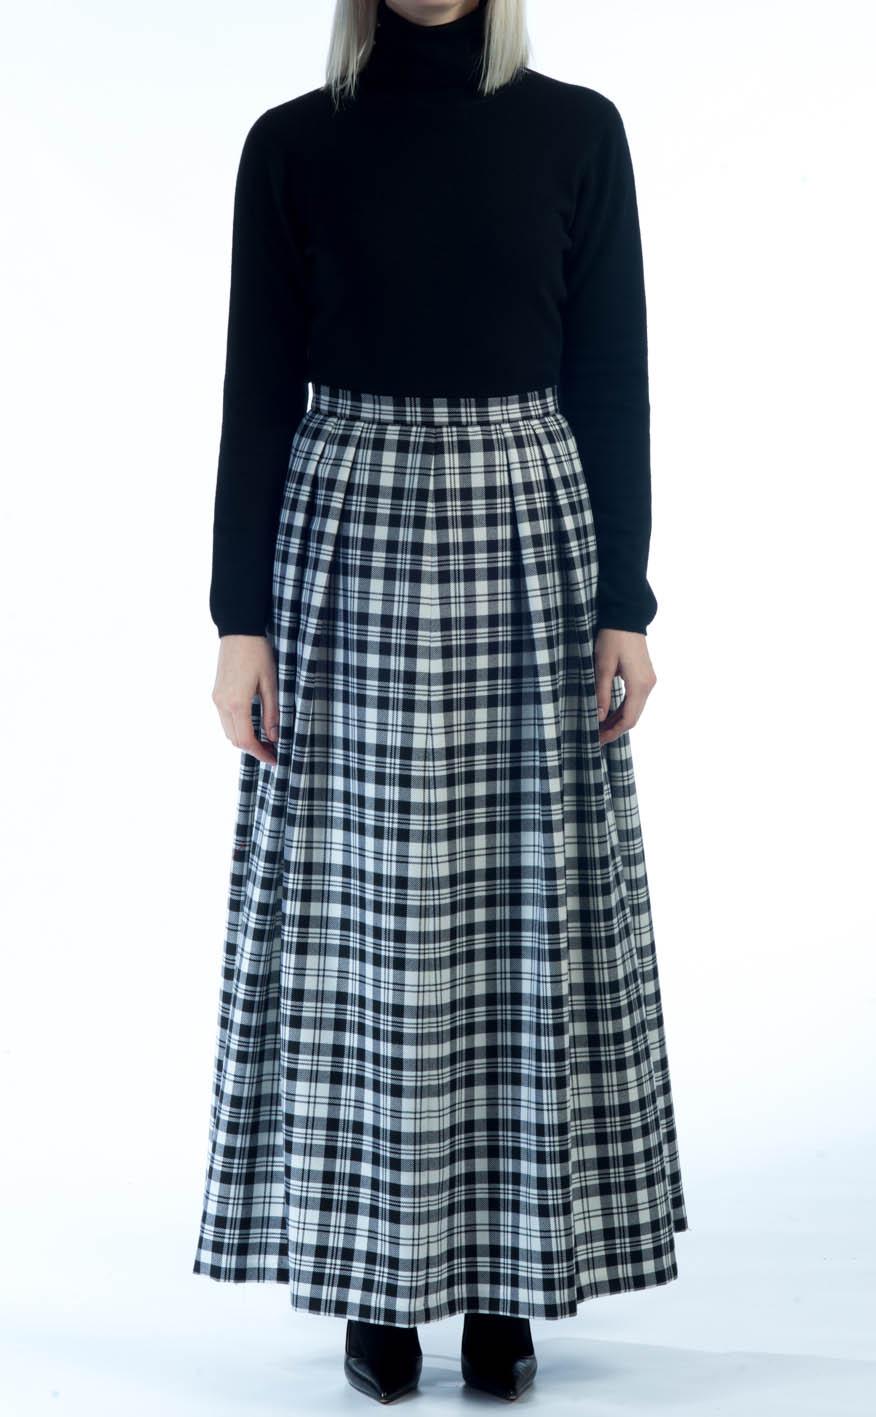 3429b3cd3 Soft Pleat Skirt, tartan by Scotweb